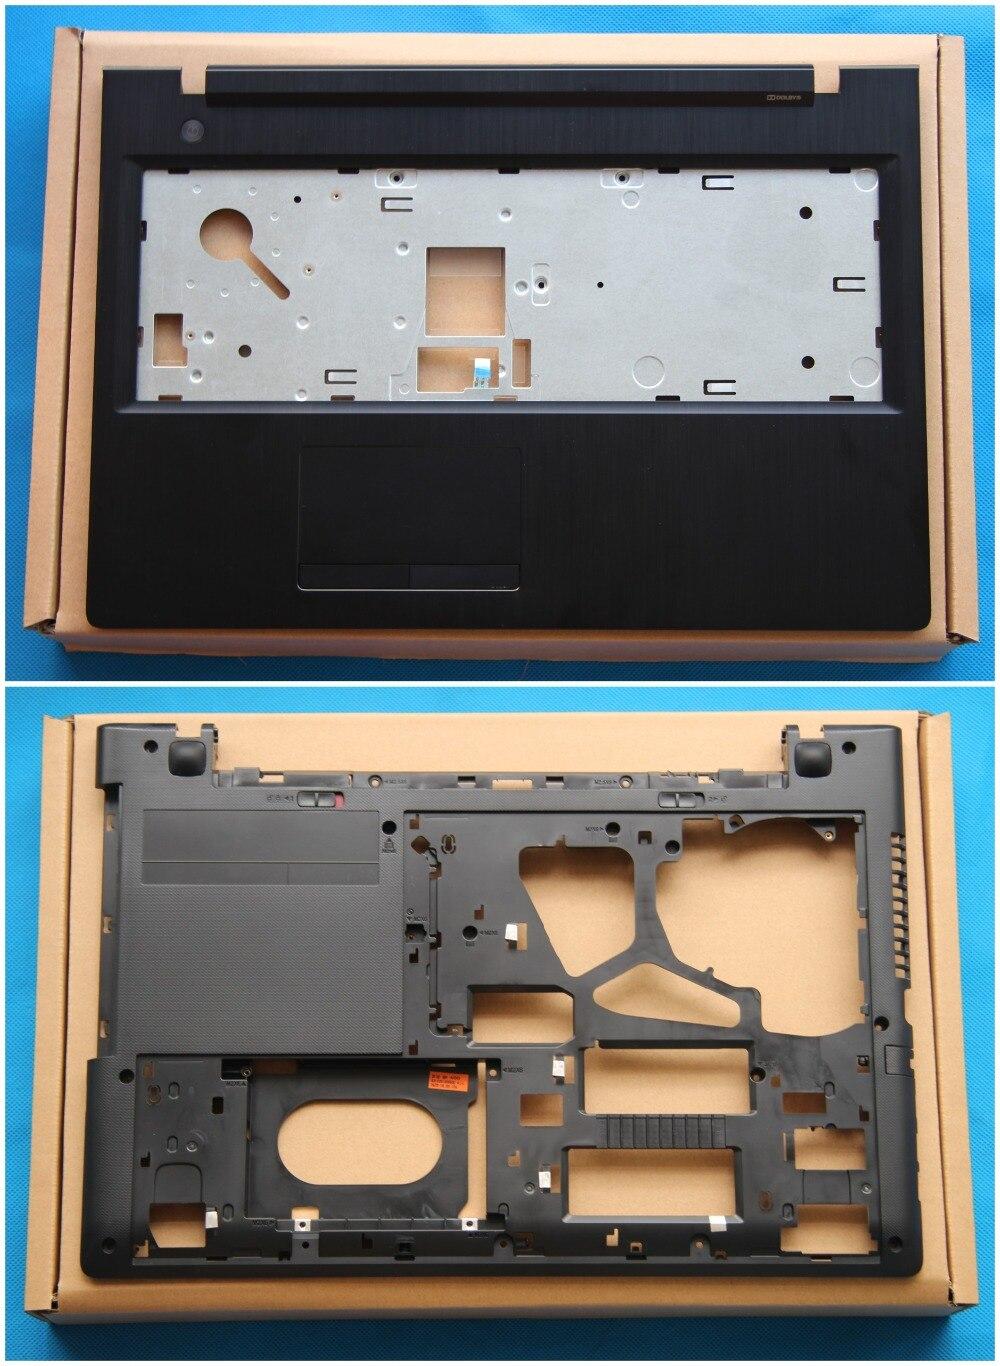 New Original For Lenovo G50 G50-45 G50-70 G50-80 Z50 Z50-45 Palmrest Cover Upper Case + Bottom Case AP0TH000400 AP0TH000800<br>